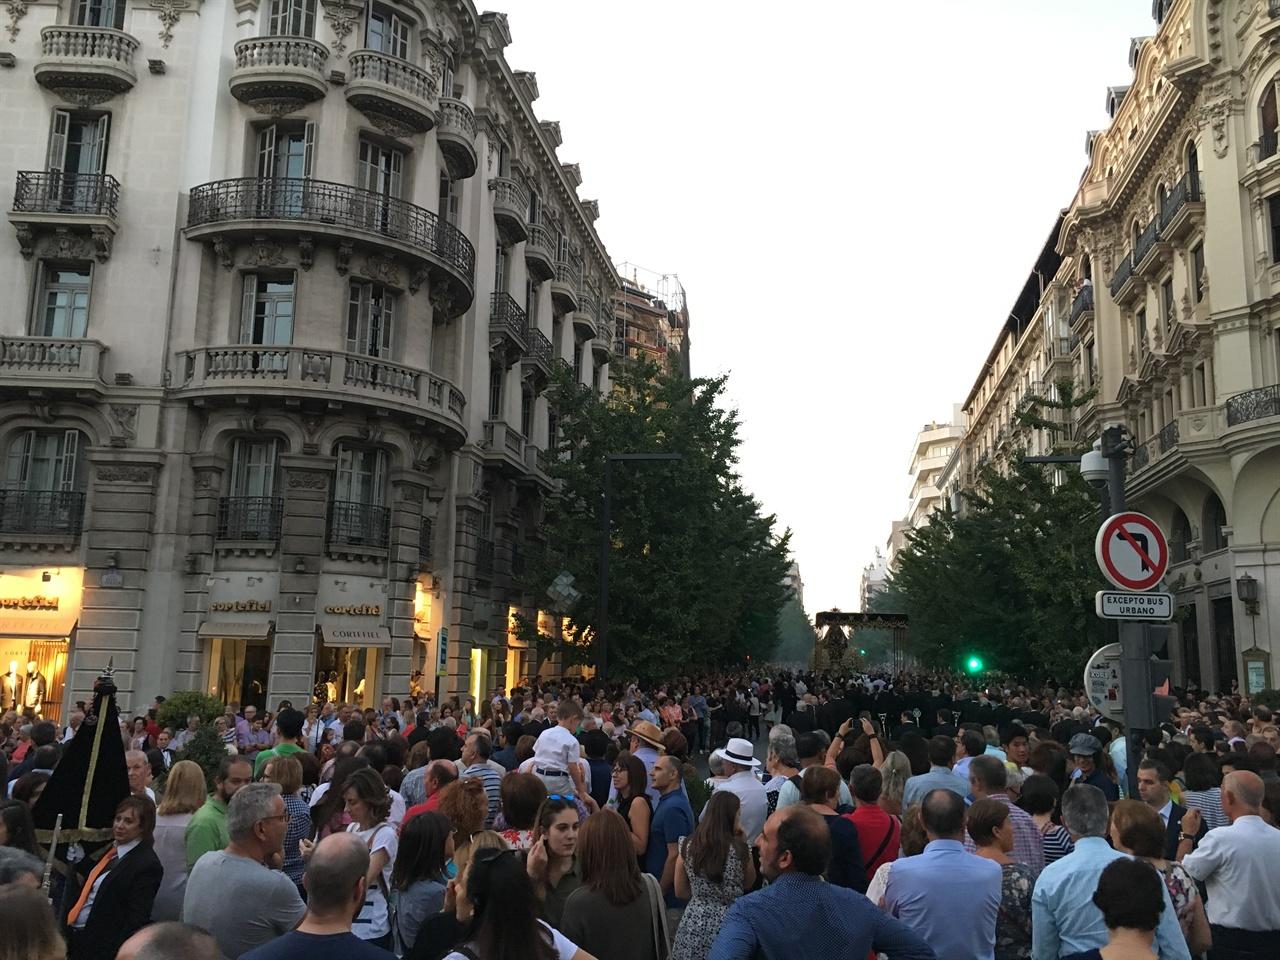 9월 24 성인 기념일을 맞아 거리로 나온 사람들